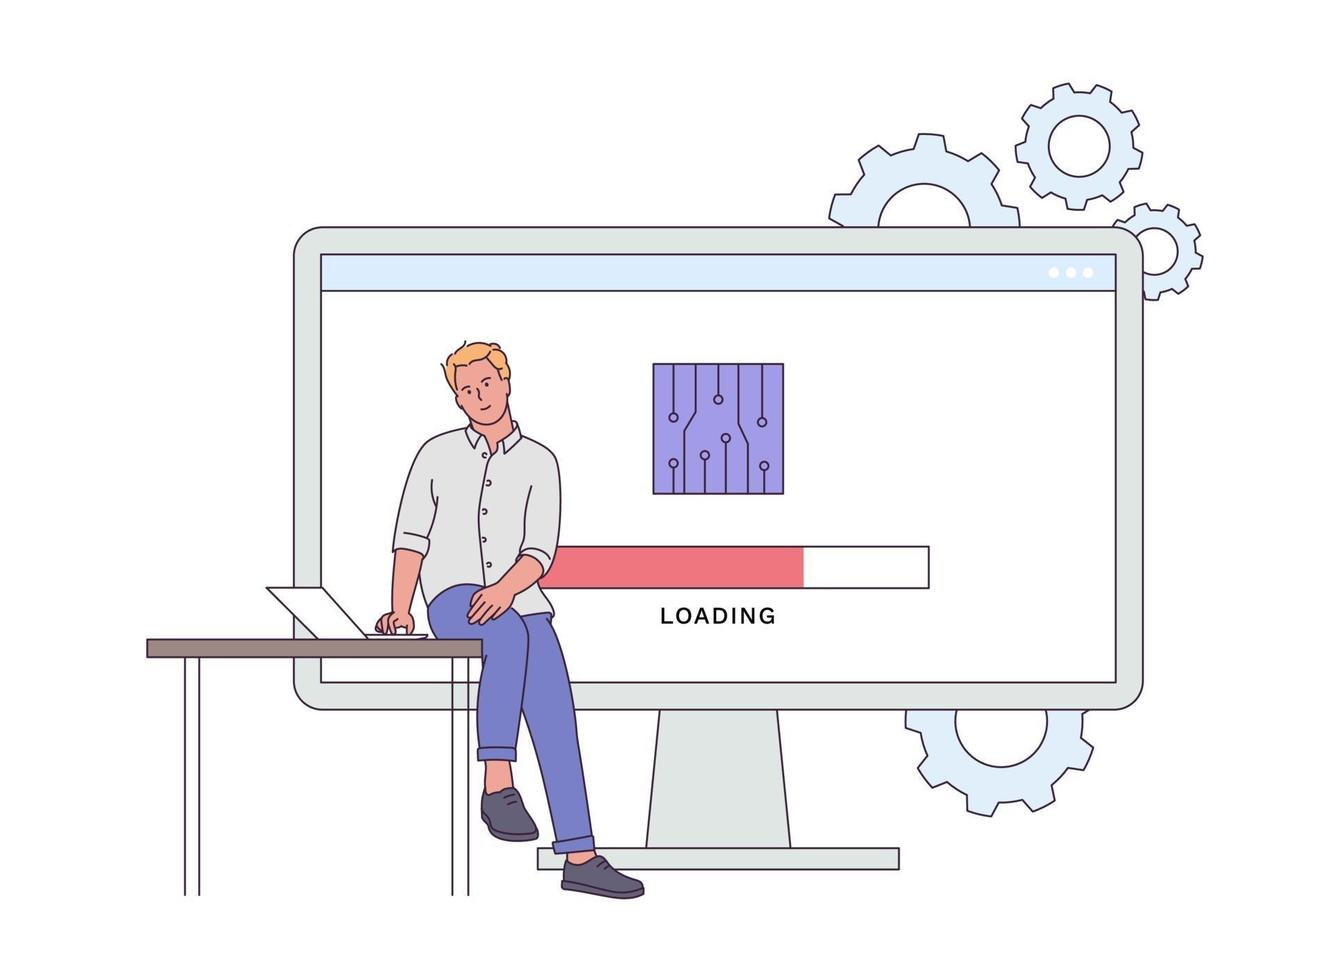 concept de micrologiciel et logiciel de l'appareil. jeune homme essayant de mettre à jour l'appareil. ingénierie de périphérique de firmware homme. illustration vectorielle plane vecteur